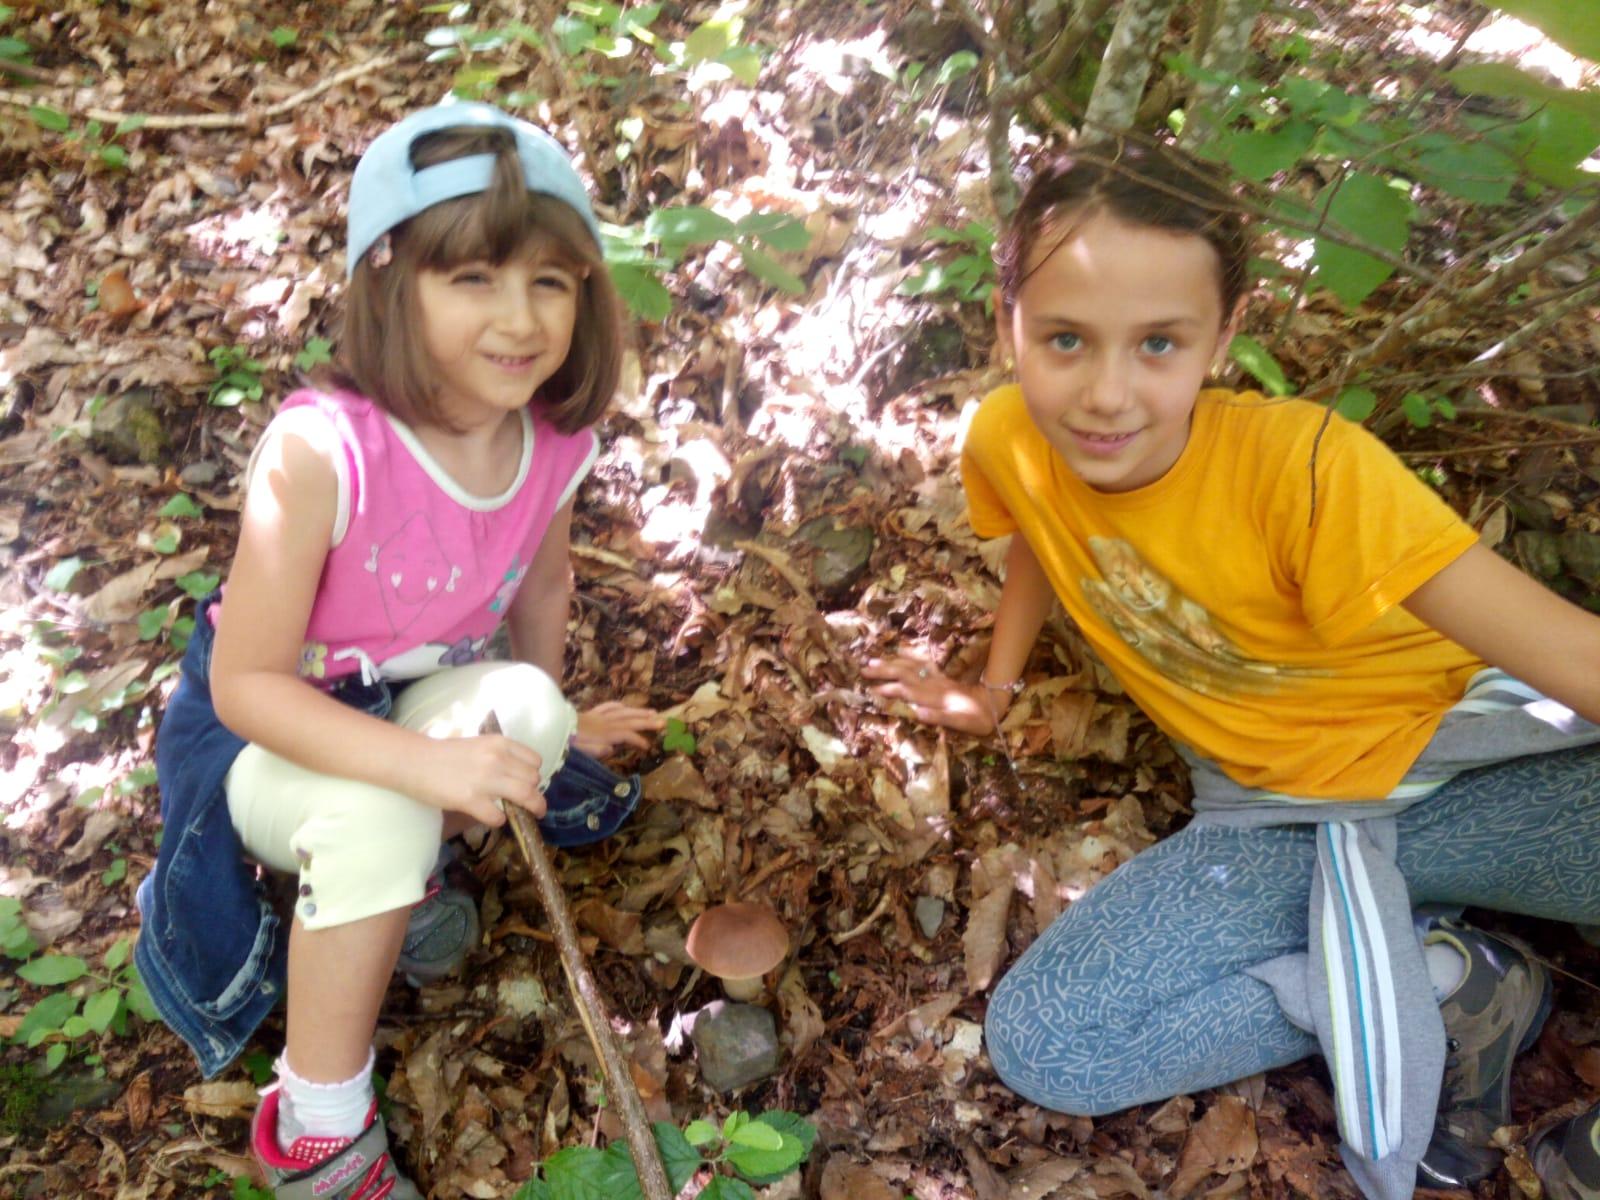 Lisore di Cerignale (PC)  10 giugno  - Giornata dello scoiattolo